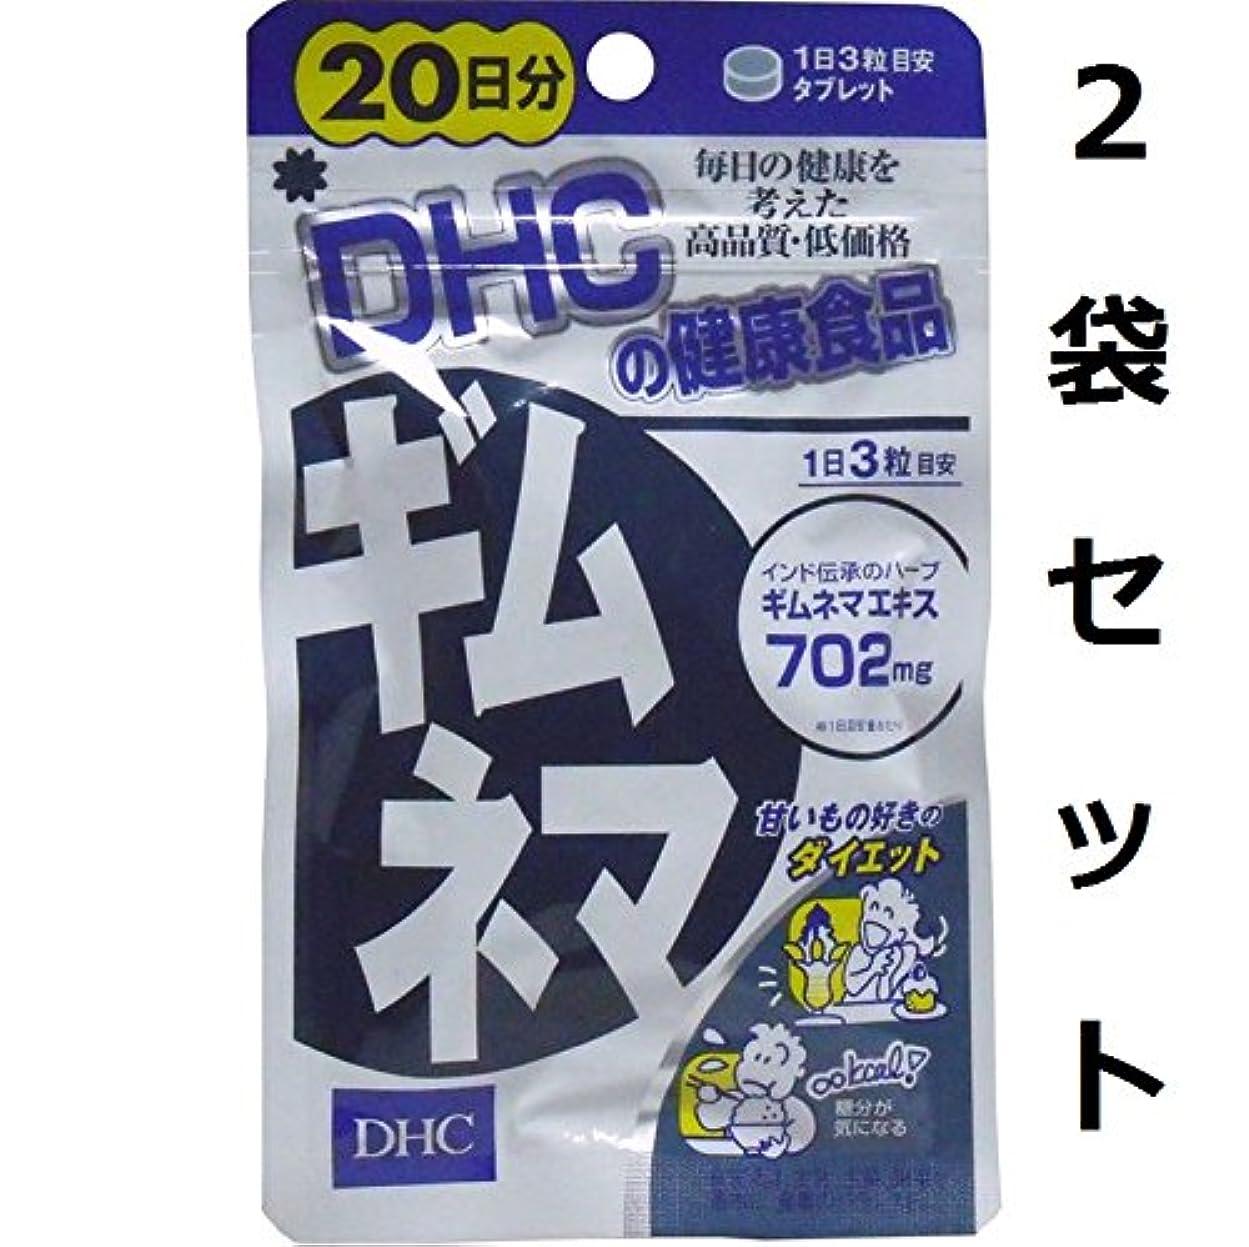 モットー右ロイヤリティ我慢せずに余分な糖分をブロック DHC ギムネマ 20日分 60粒 2袋セット